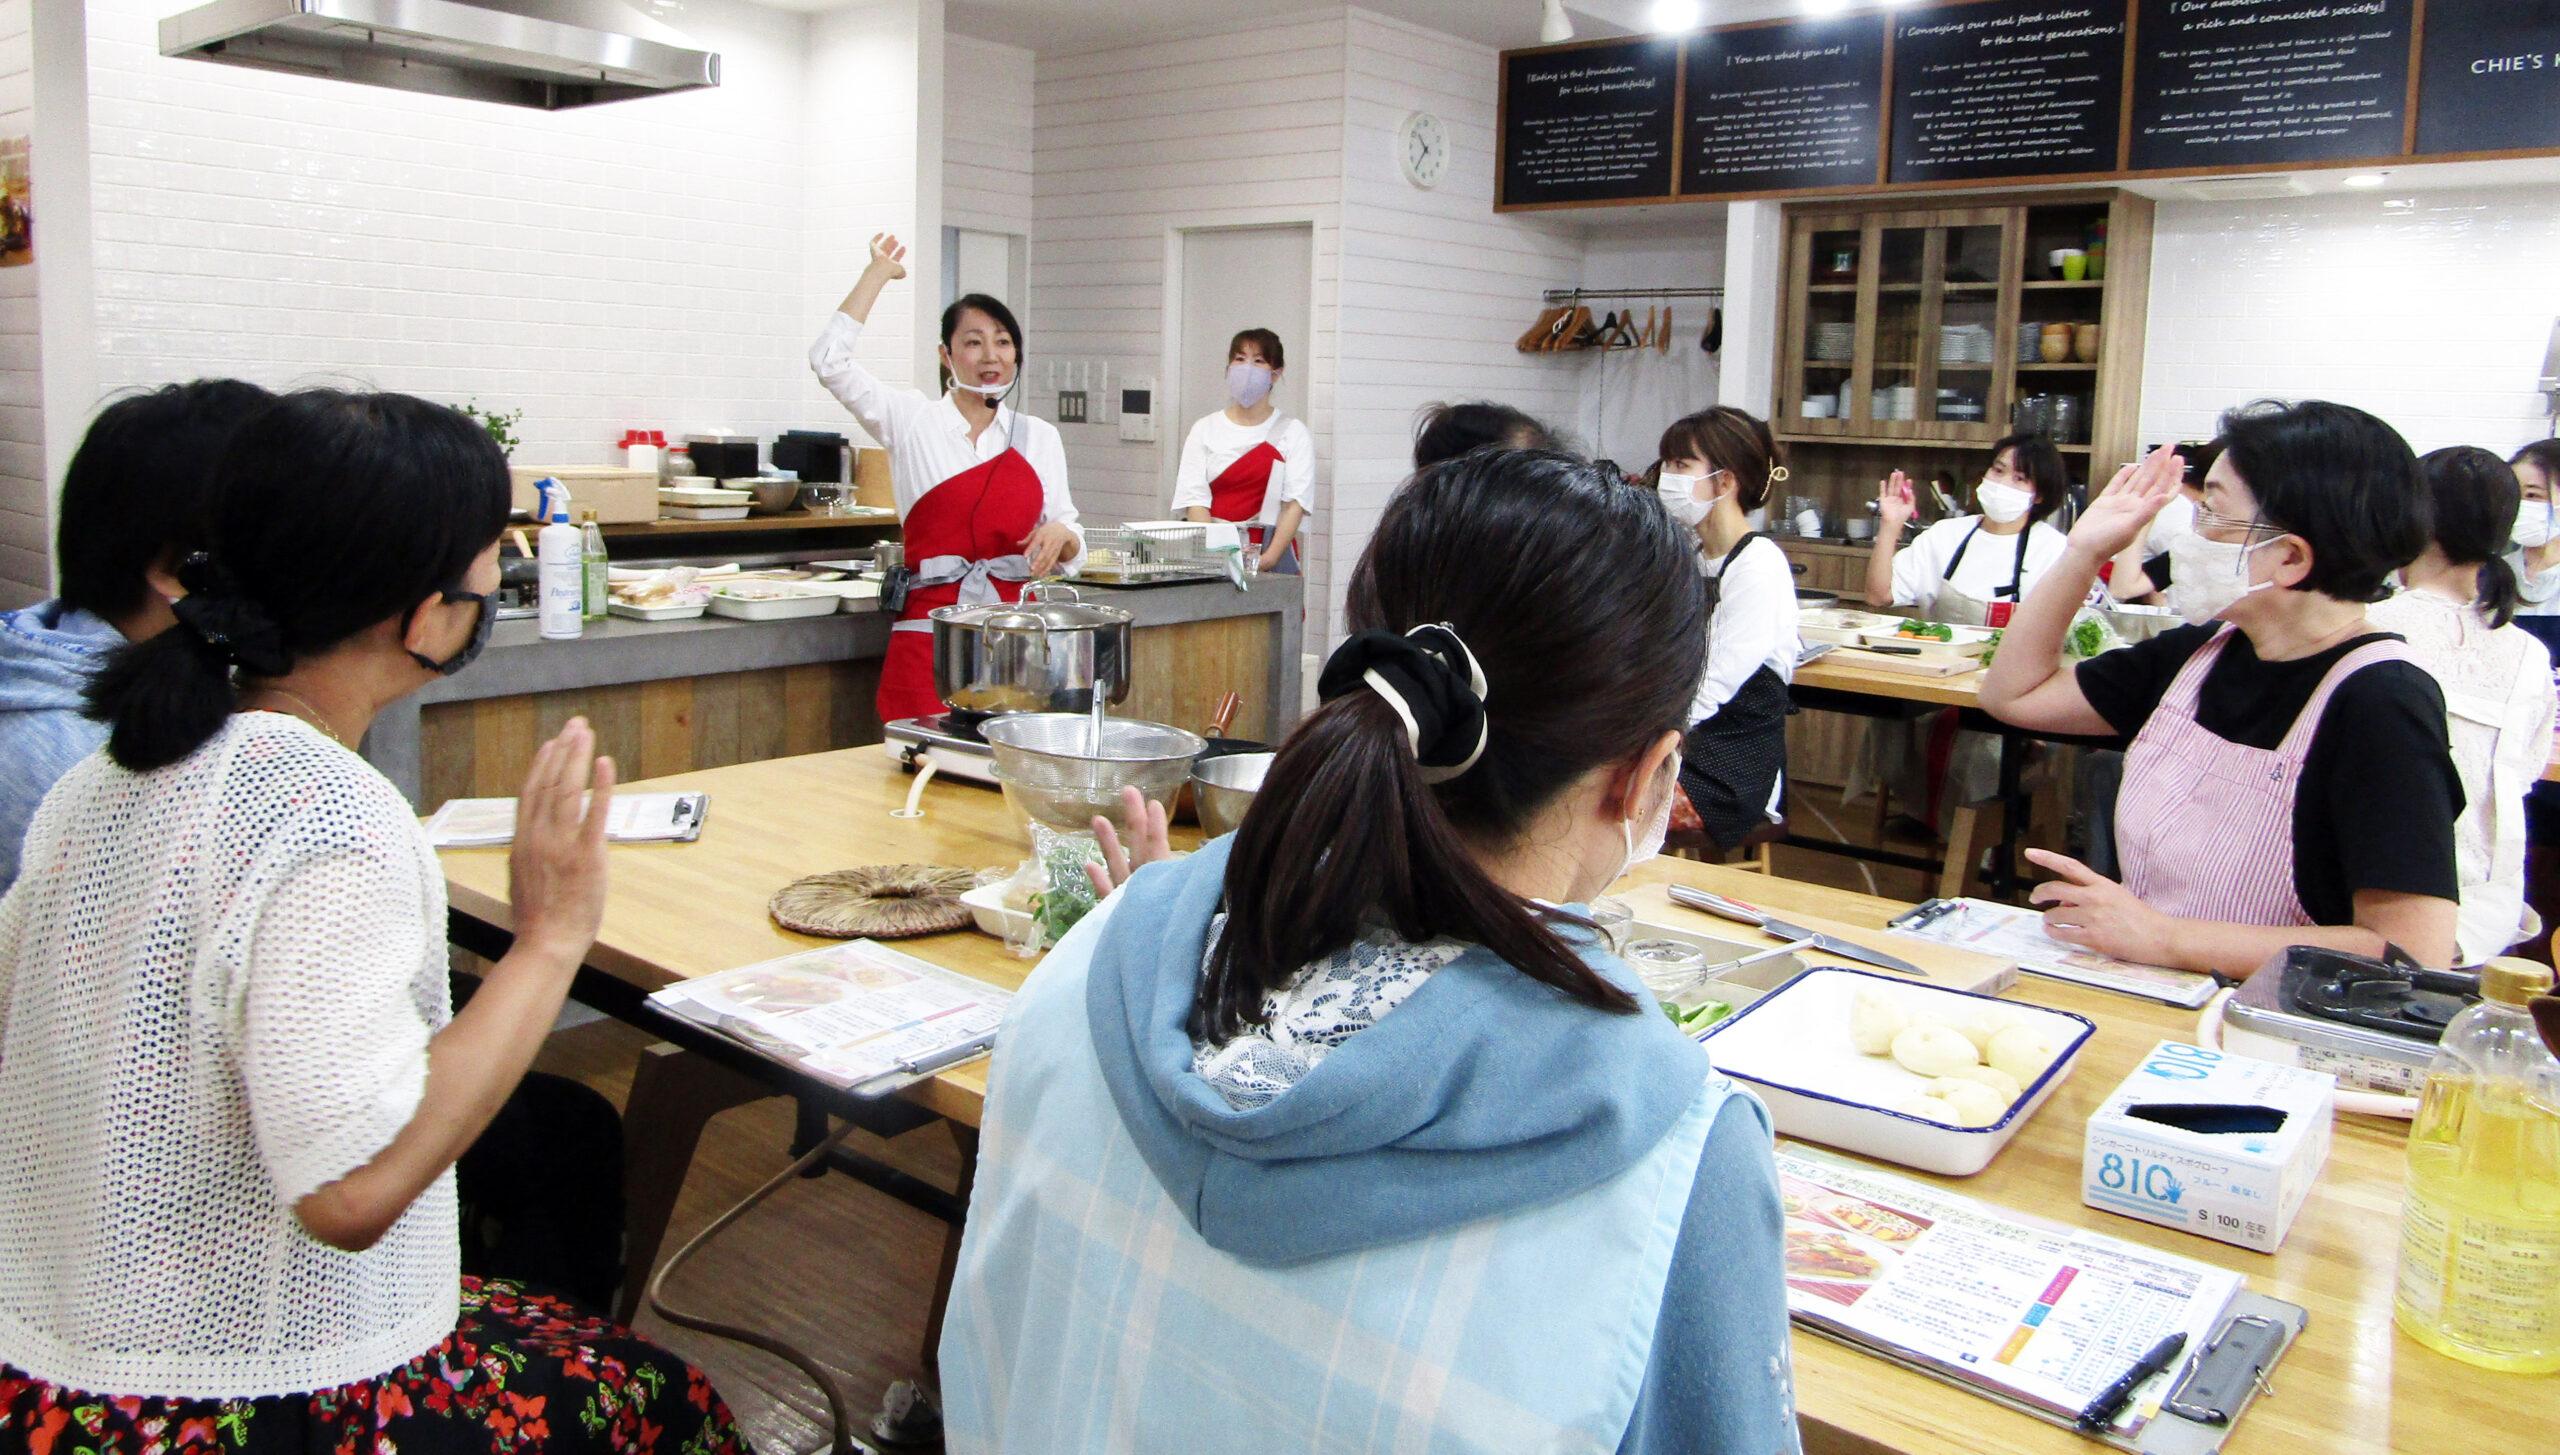 【お知らせ】10/29開催「第2回ショクブン×CHIE'S KITCHEN 共同料理教室」